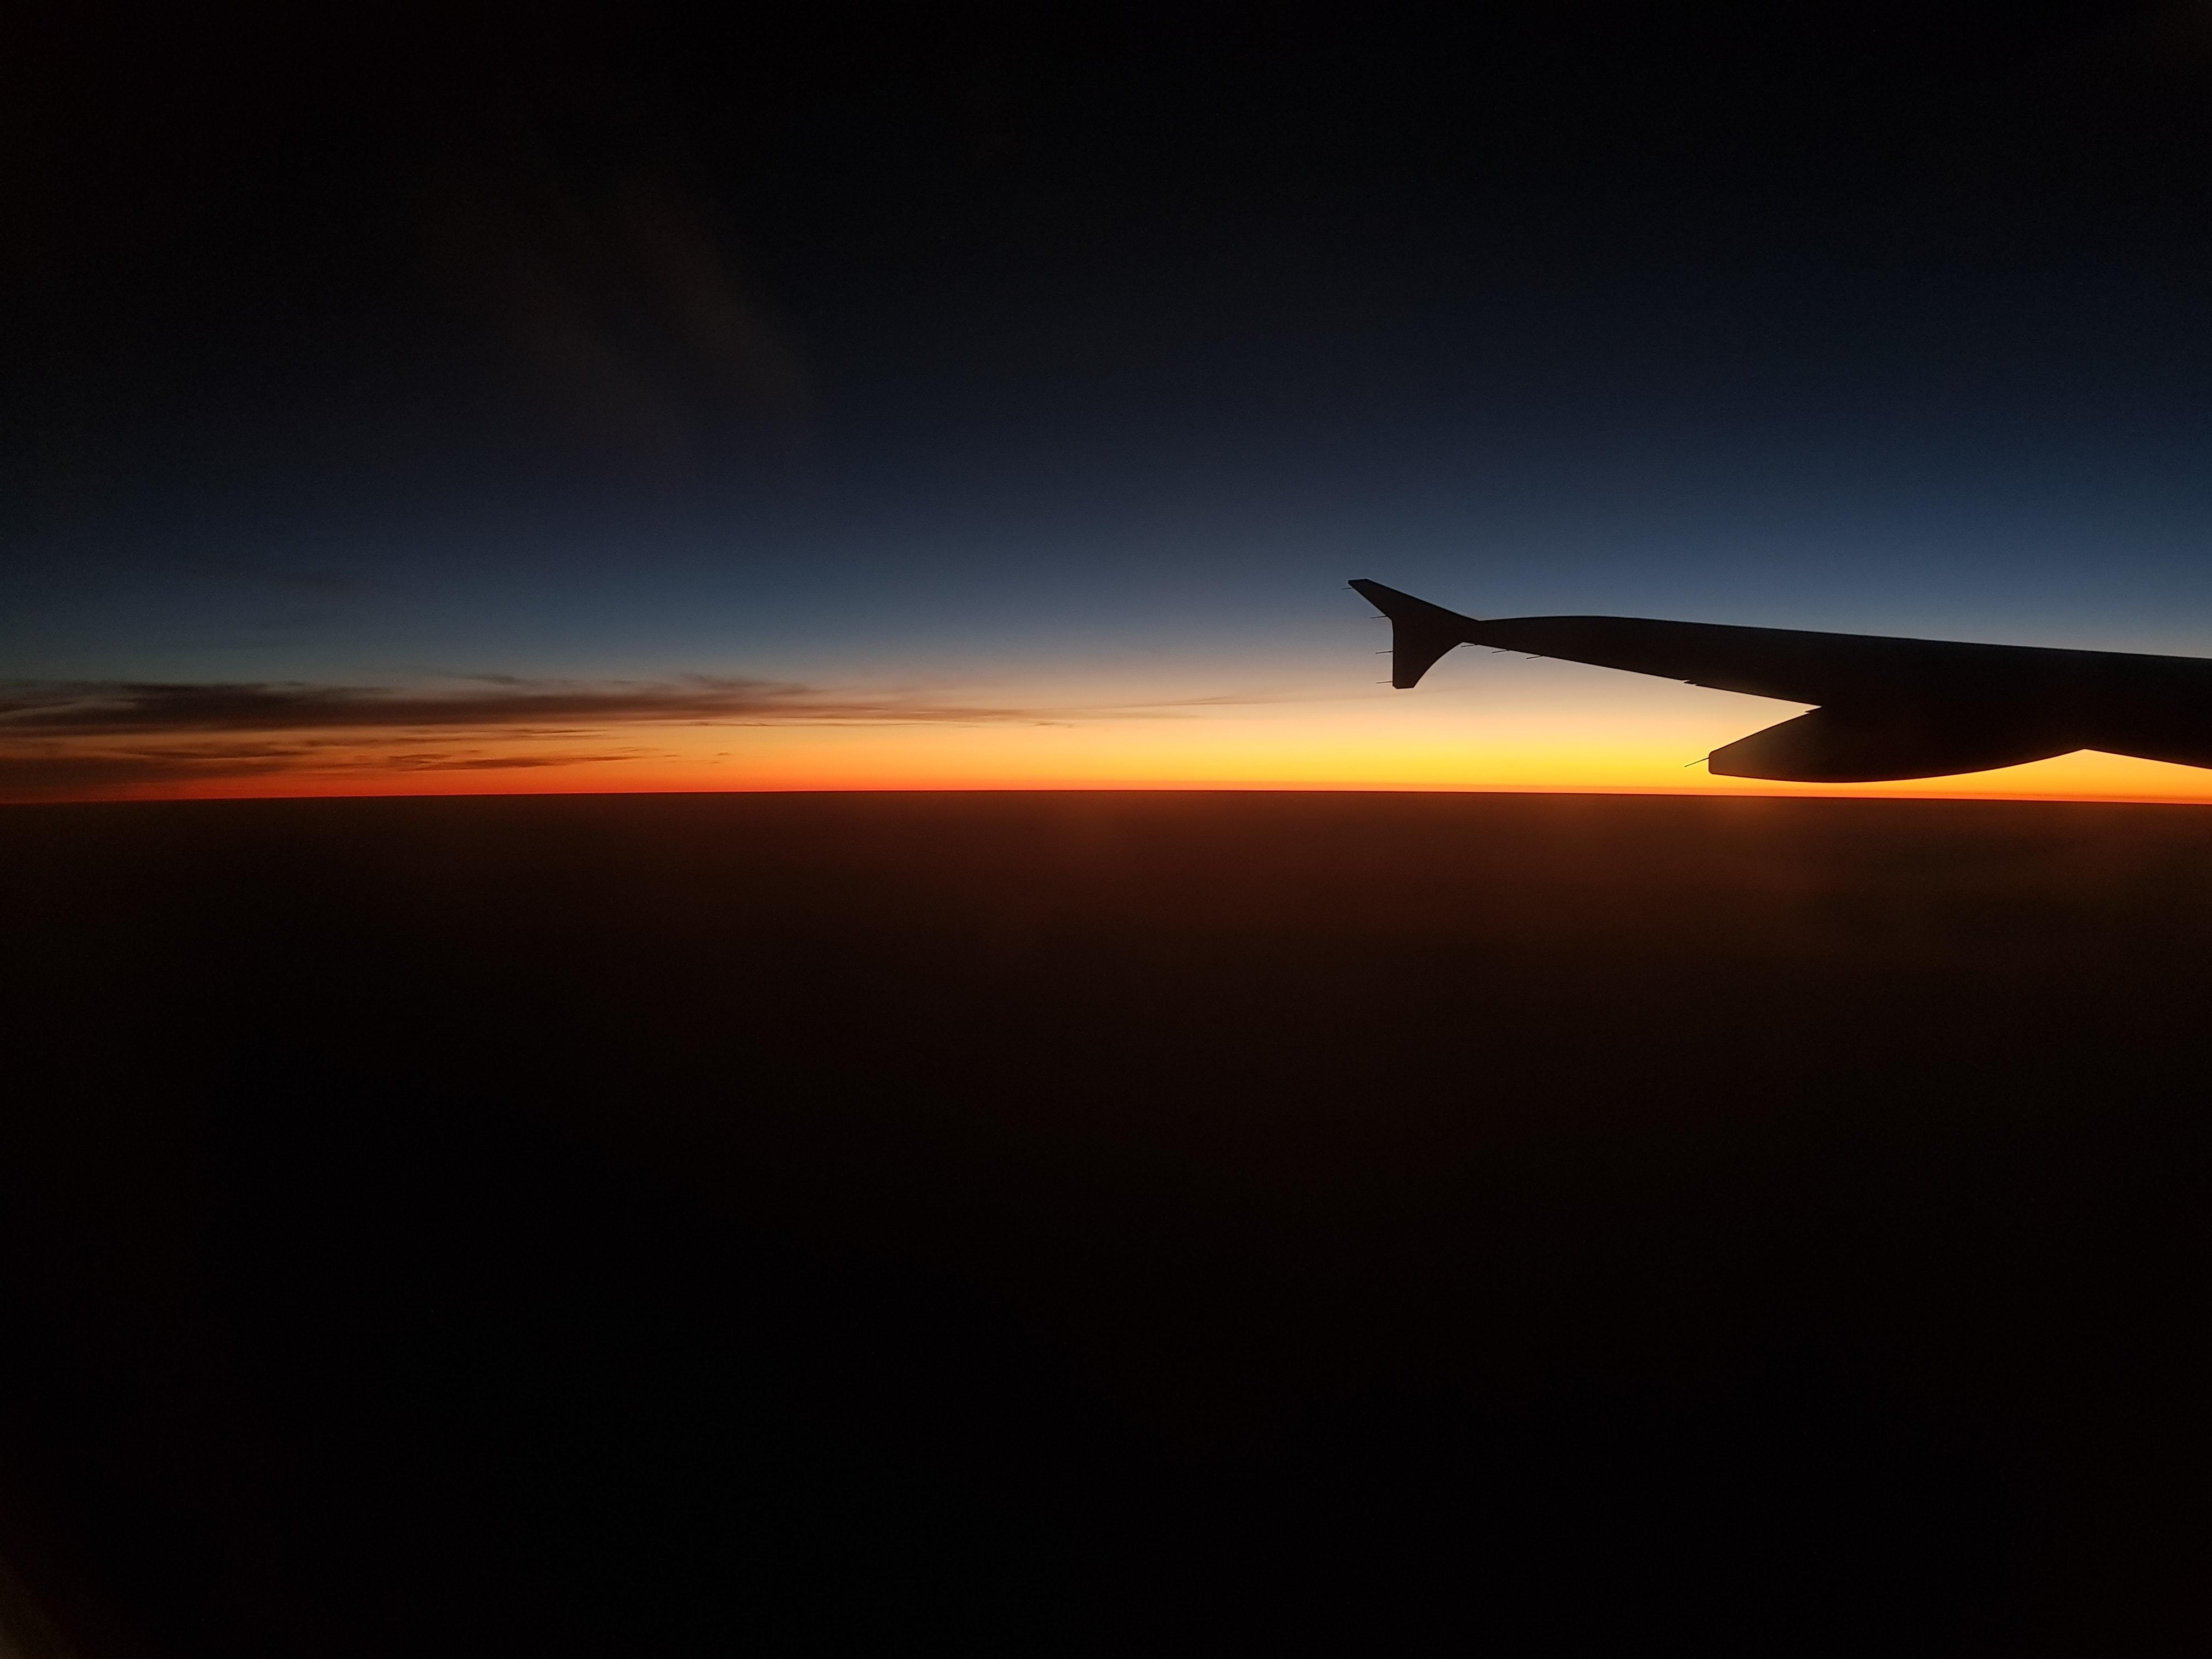 výhled z letadla na mraky